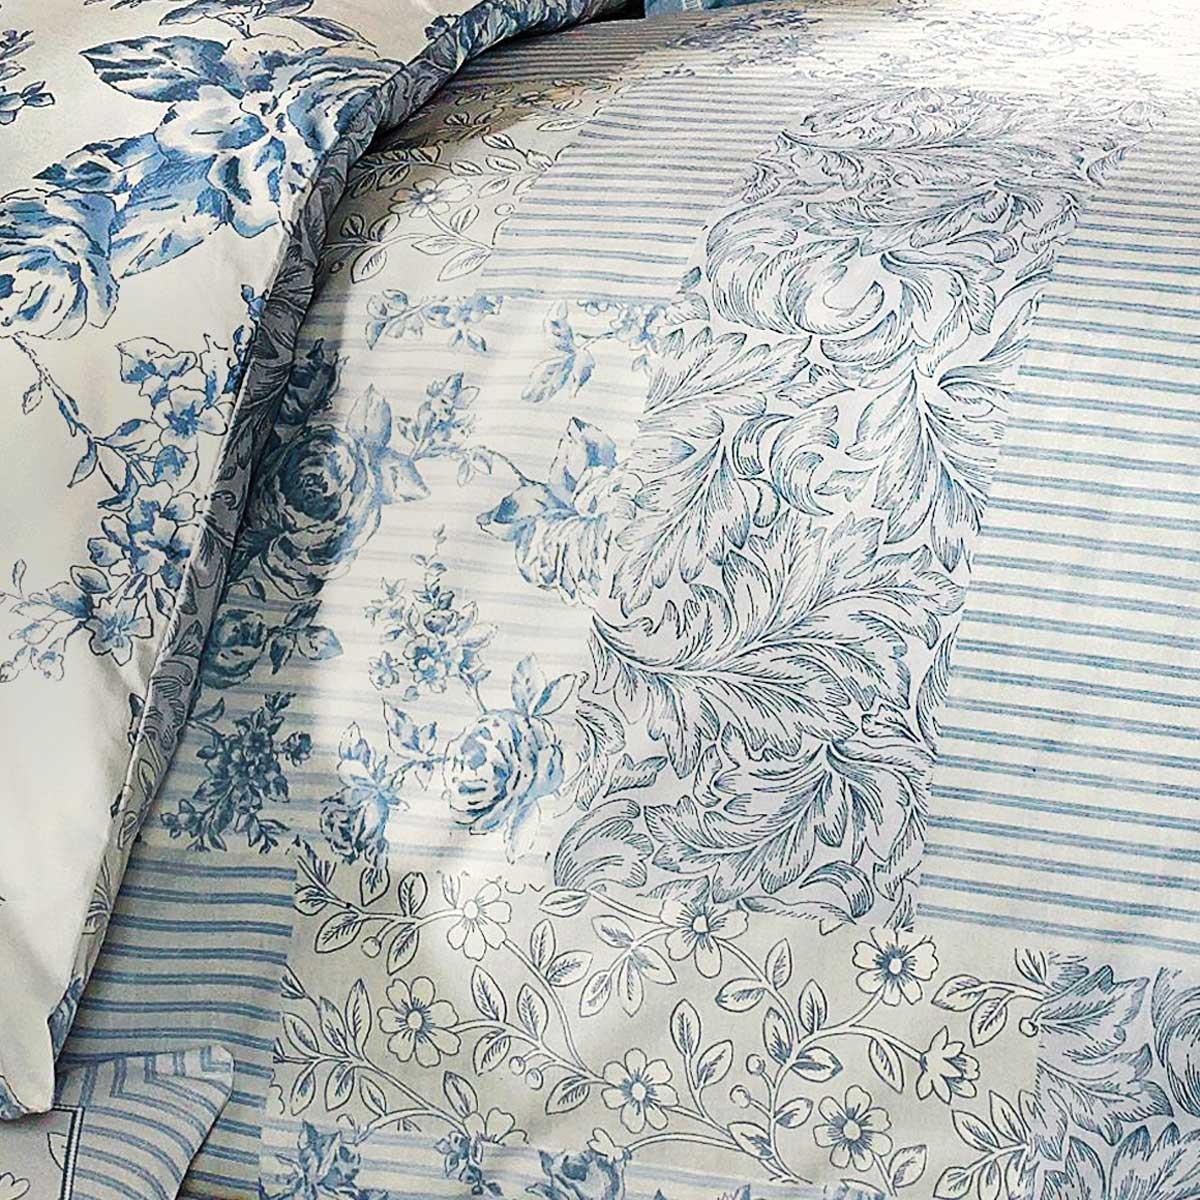 Fundas-de-edredon-azul-con-motivos-florales-Patchwork-Toile-pais-Edredon-Cubierta-de-Lujo-sistemas miniatura 11